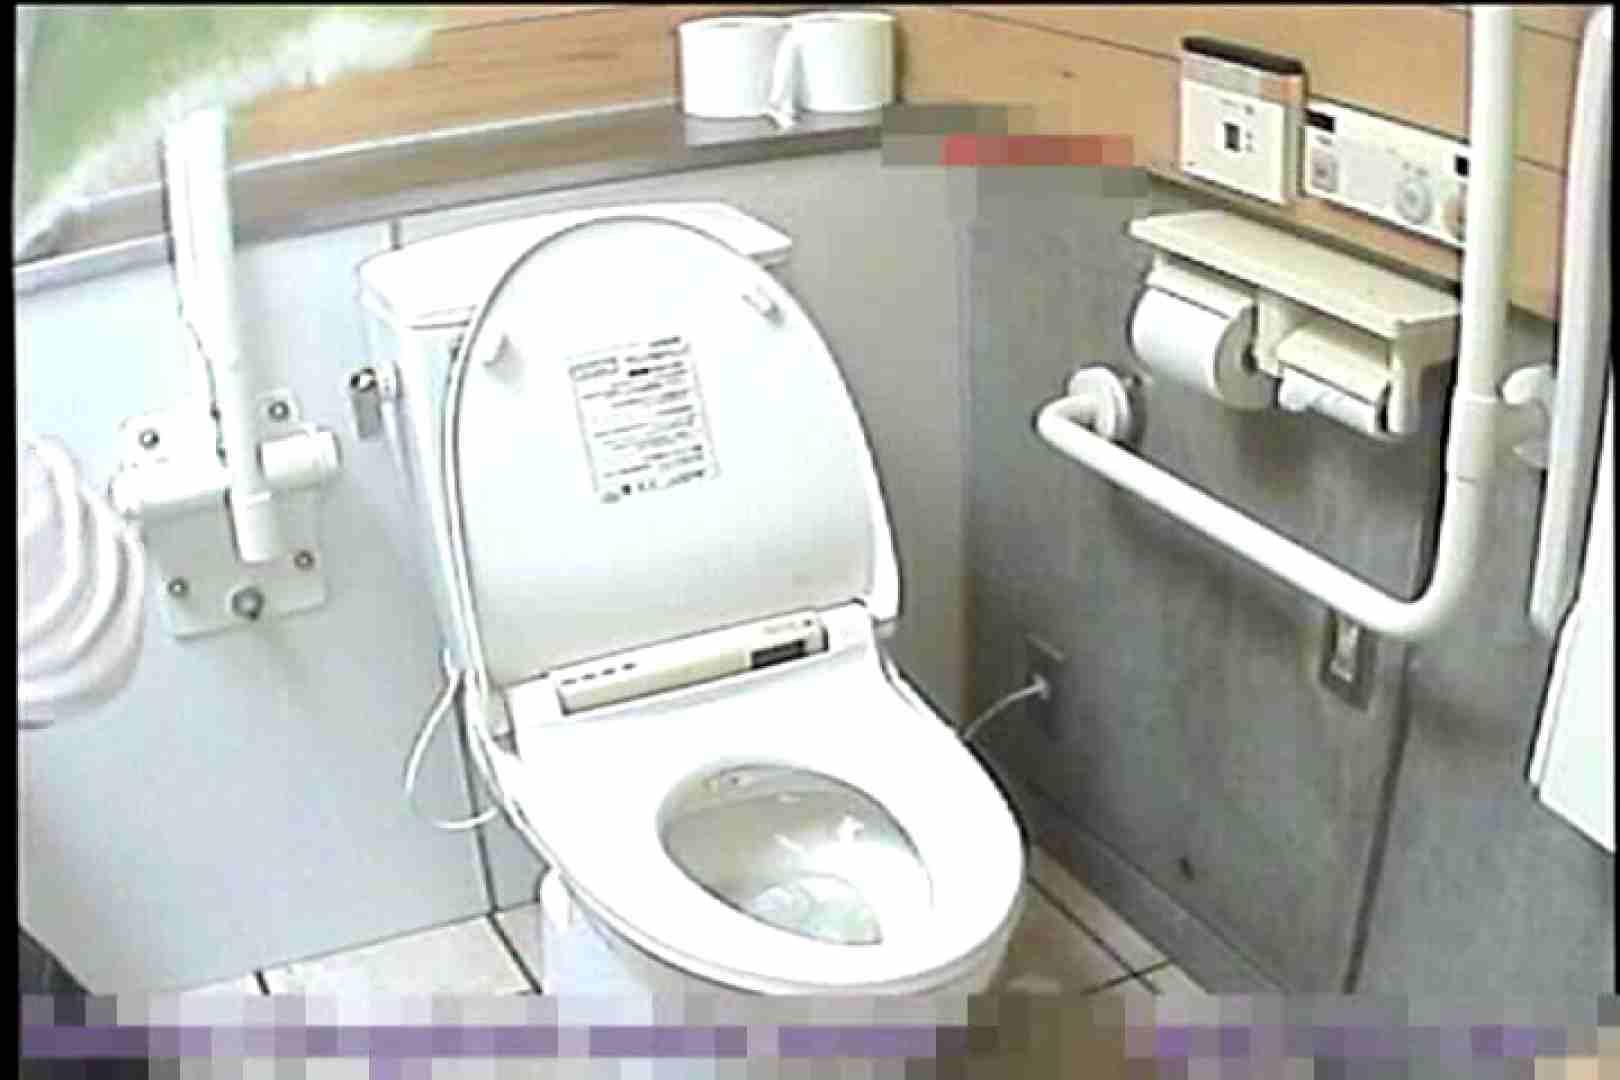 2点盗撮洗面所潜入レポートVol.7 洋式固定カメラ編 盗撮師作品  91pic 6